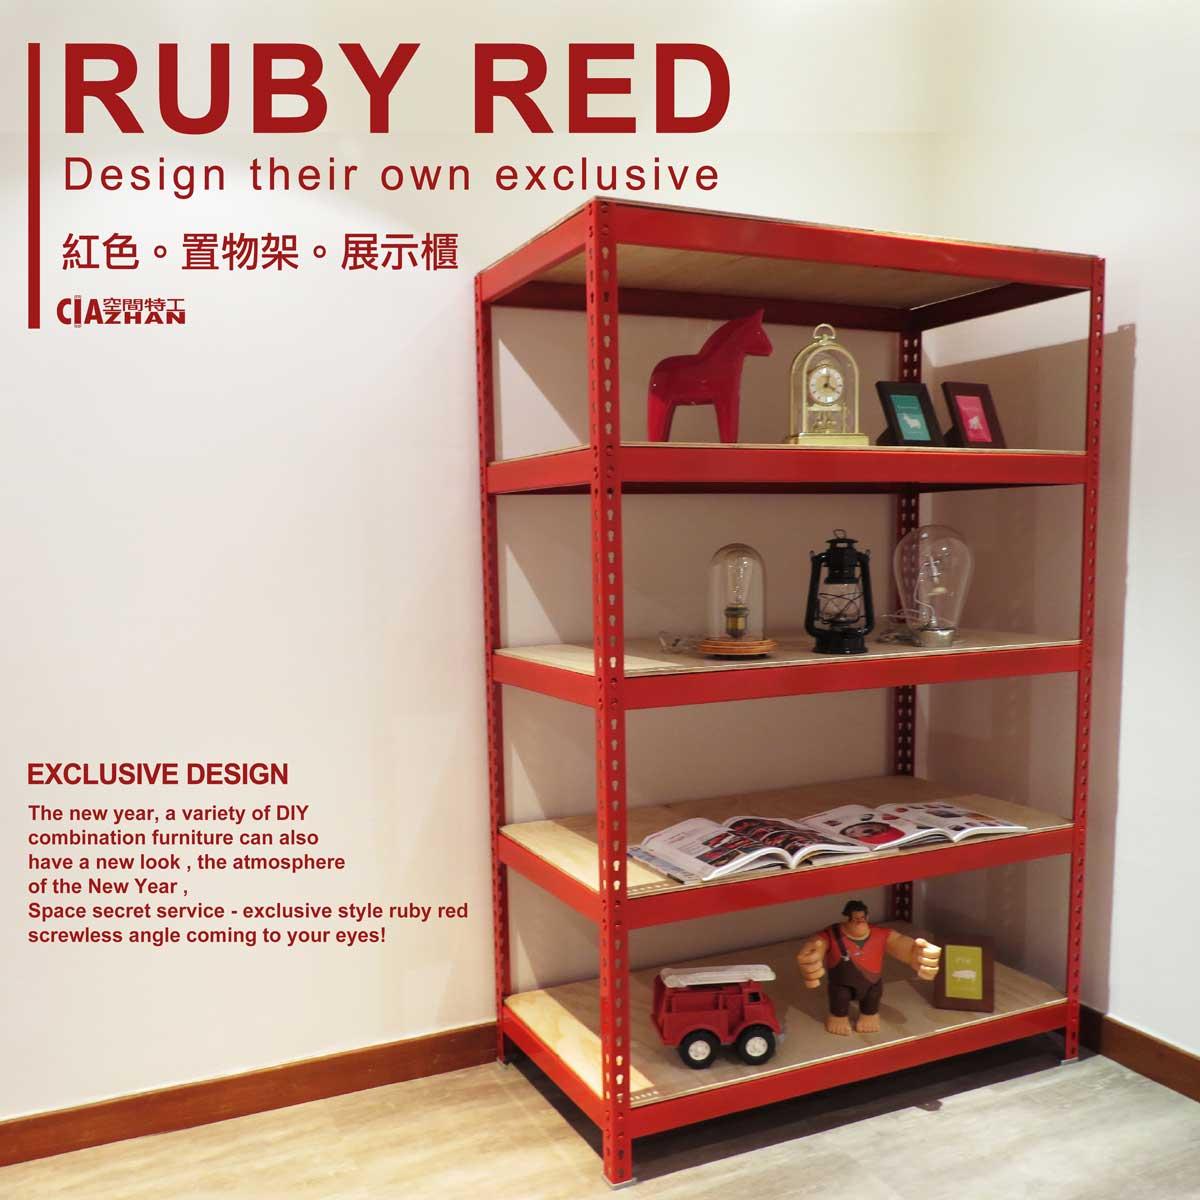 寶石紅角鋼置物架 (長3尺x深1.5尺x5層,高6尺 )【空間特工】書架 書架 鞋櫃書櫃 電視櫃 多功能組合架